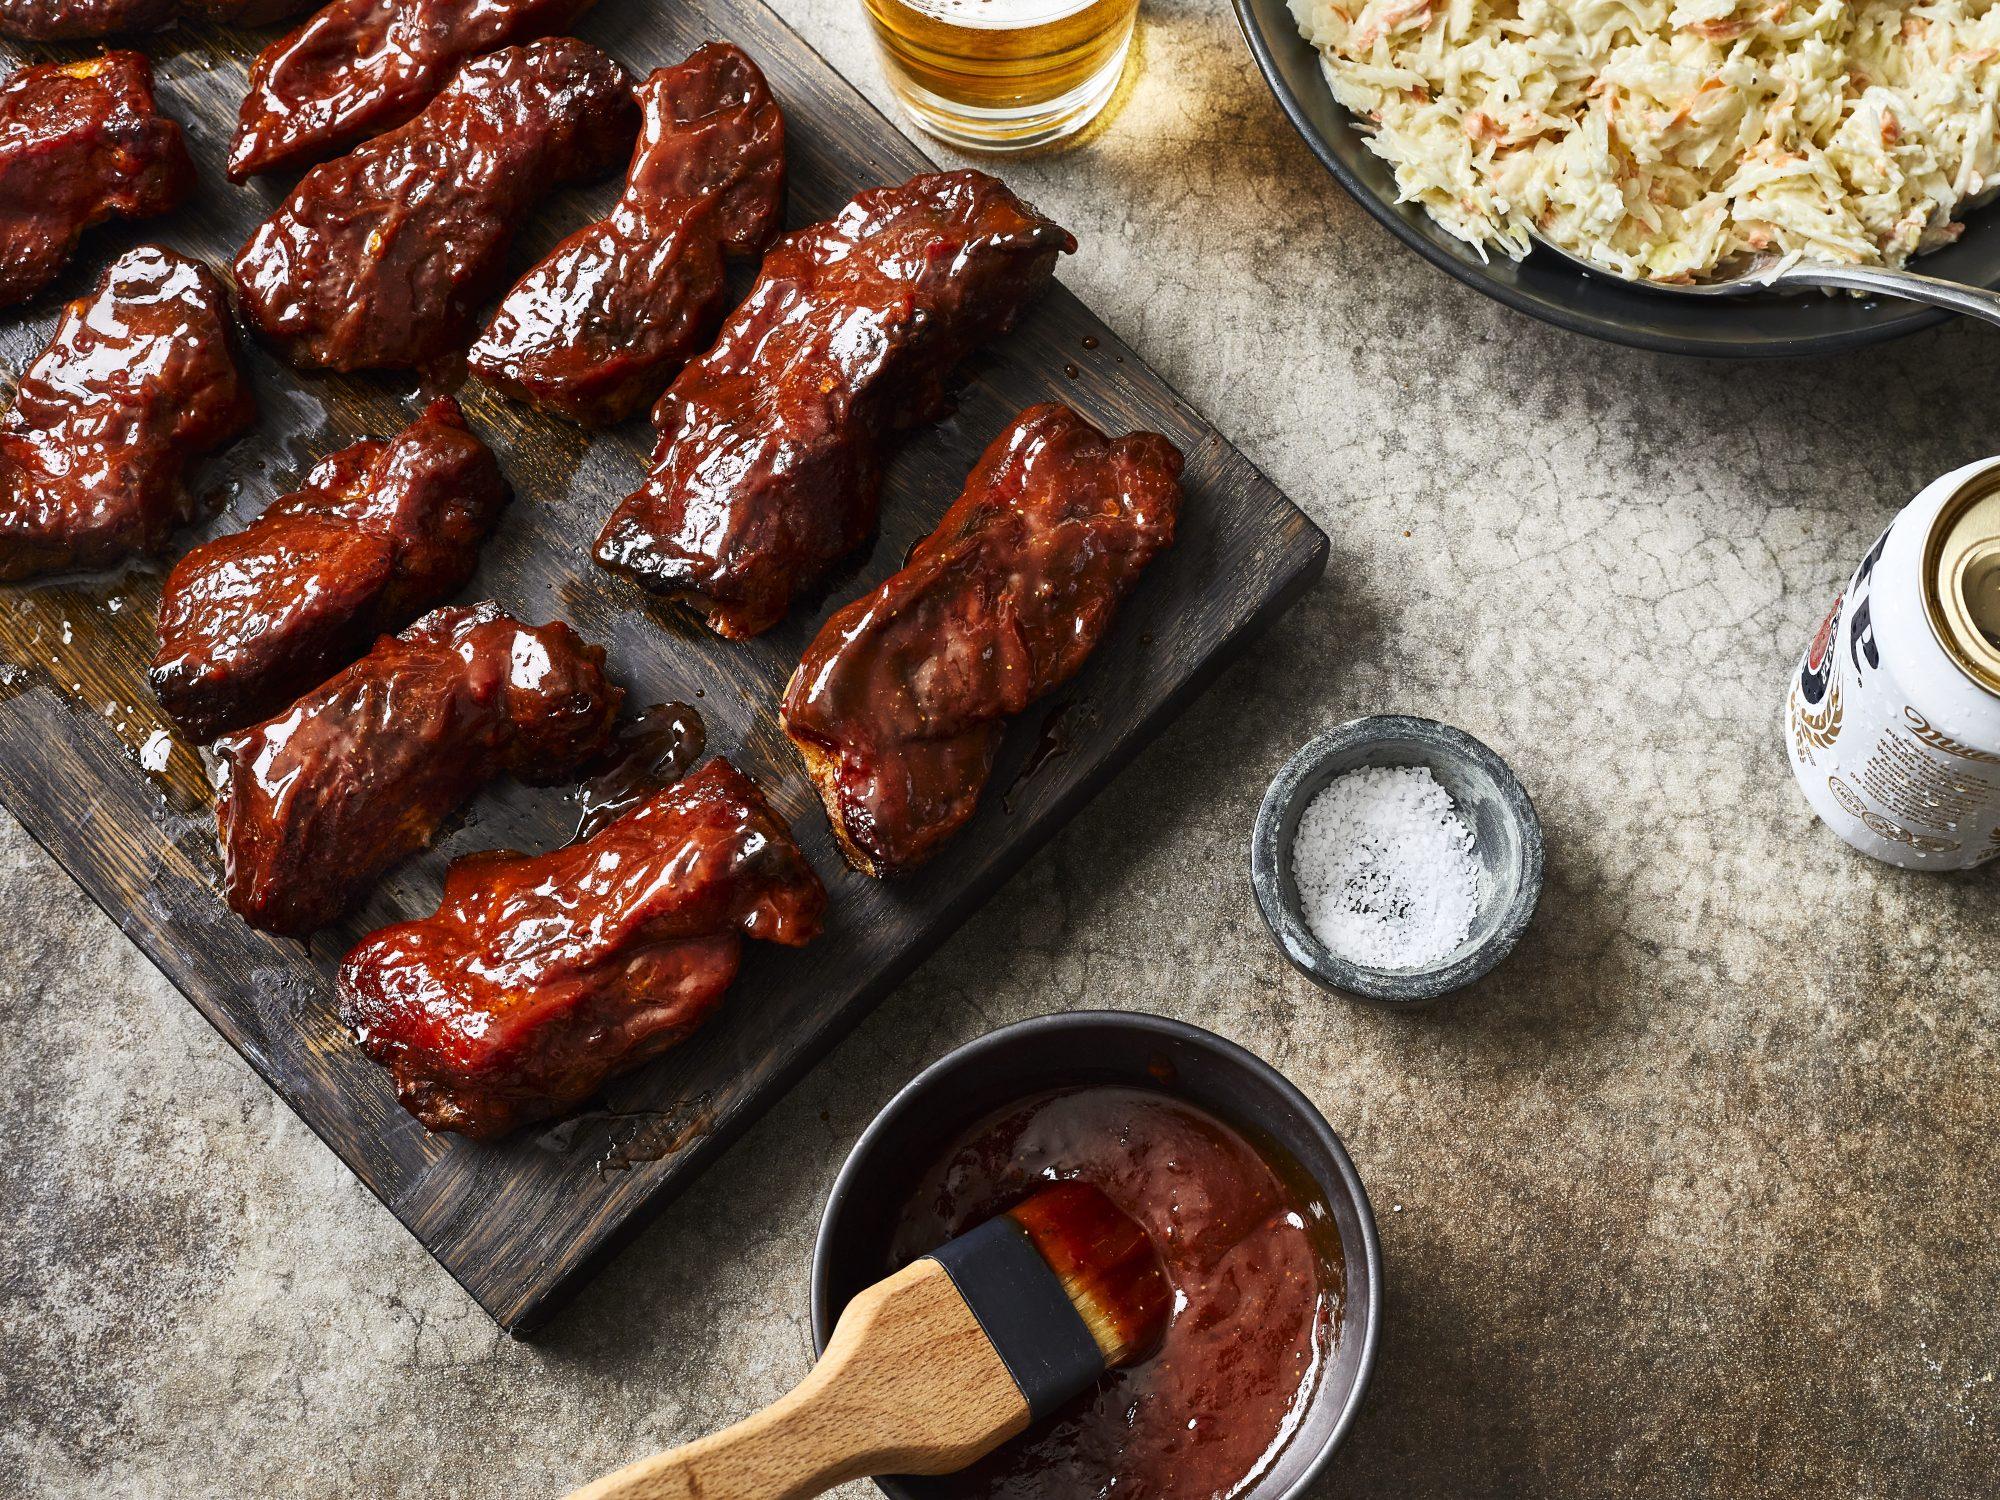 Boneless Pork Ribs